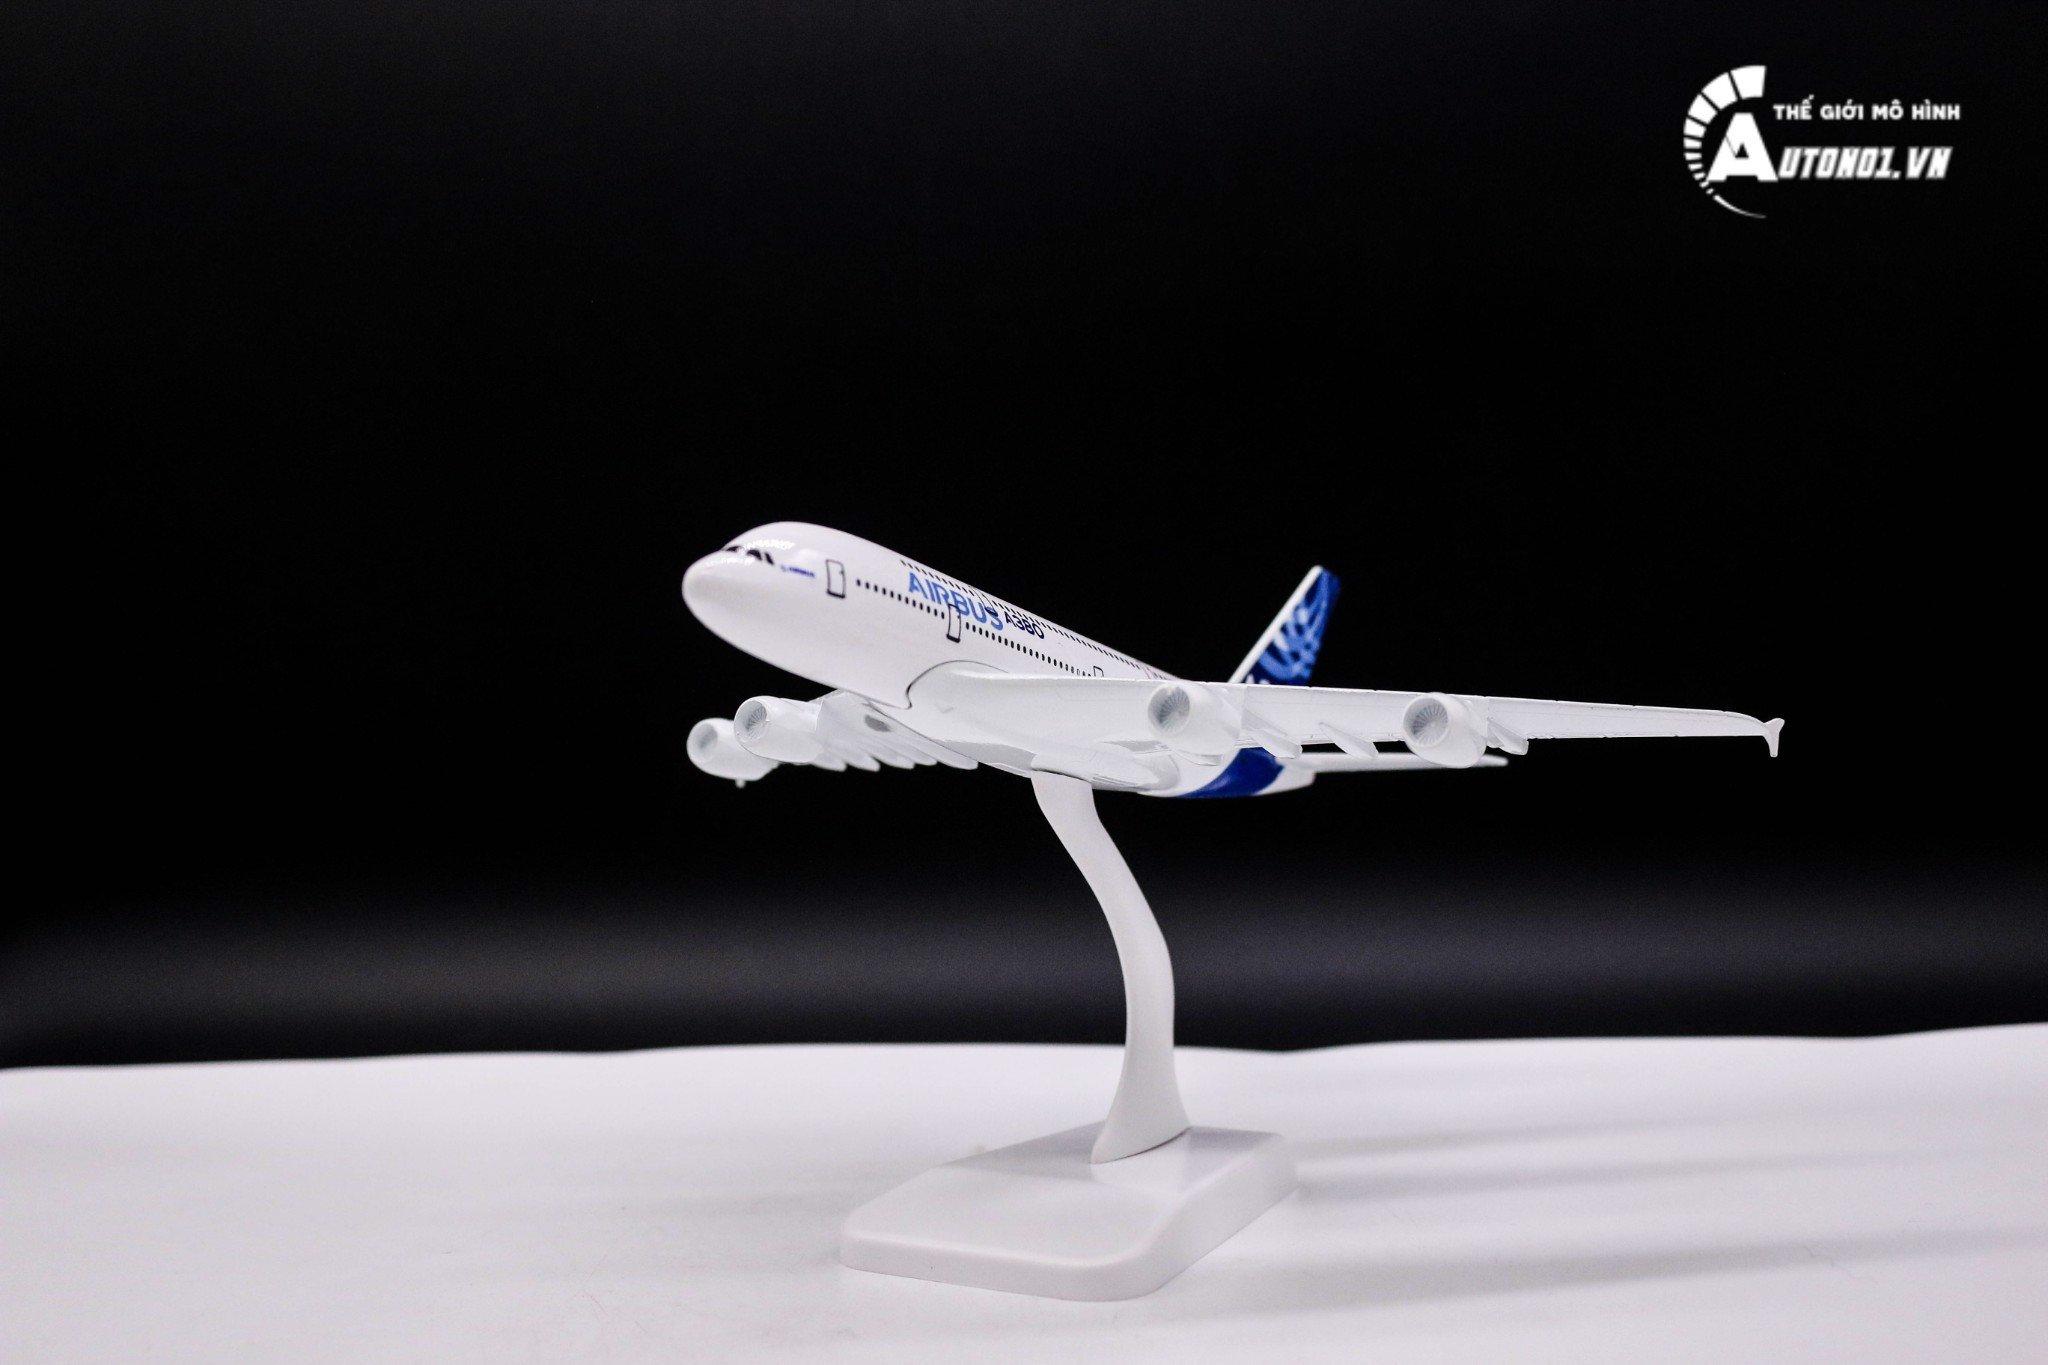 MÔ HÌNH MÁY BAY A380 AIRBUS KHÔNG BÁNH 18CM 6286